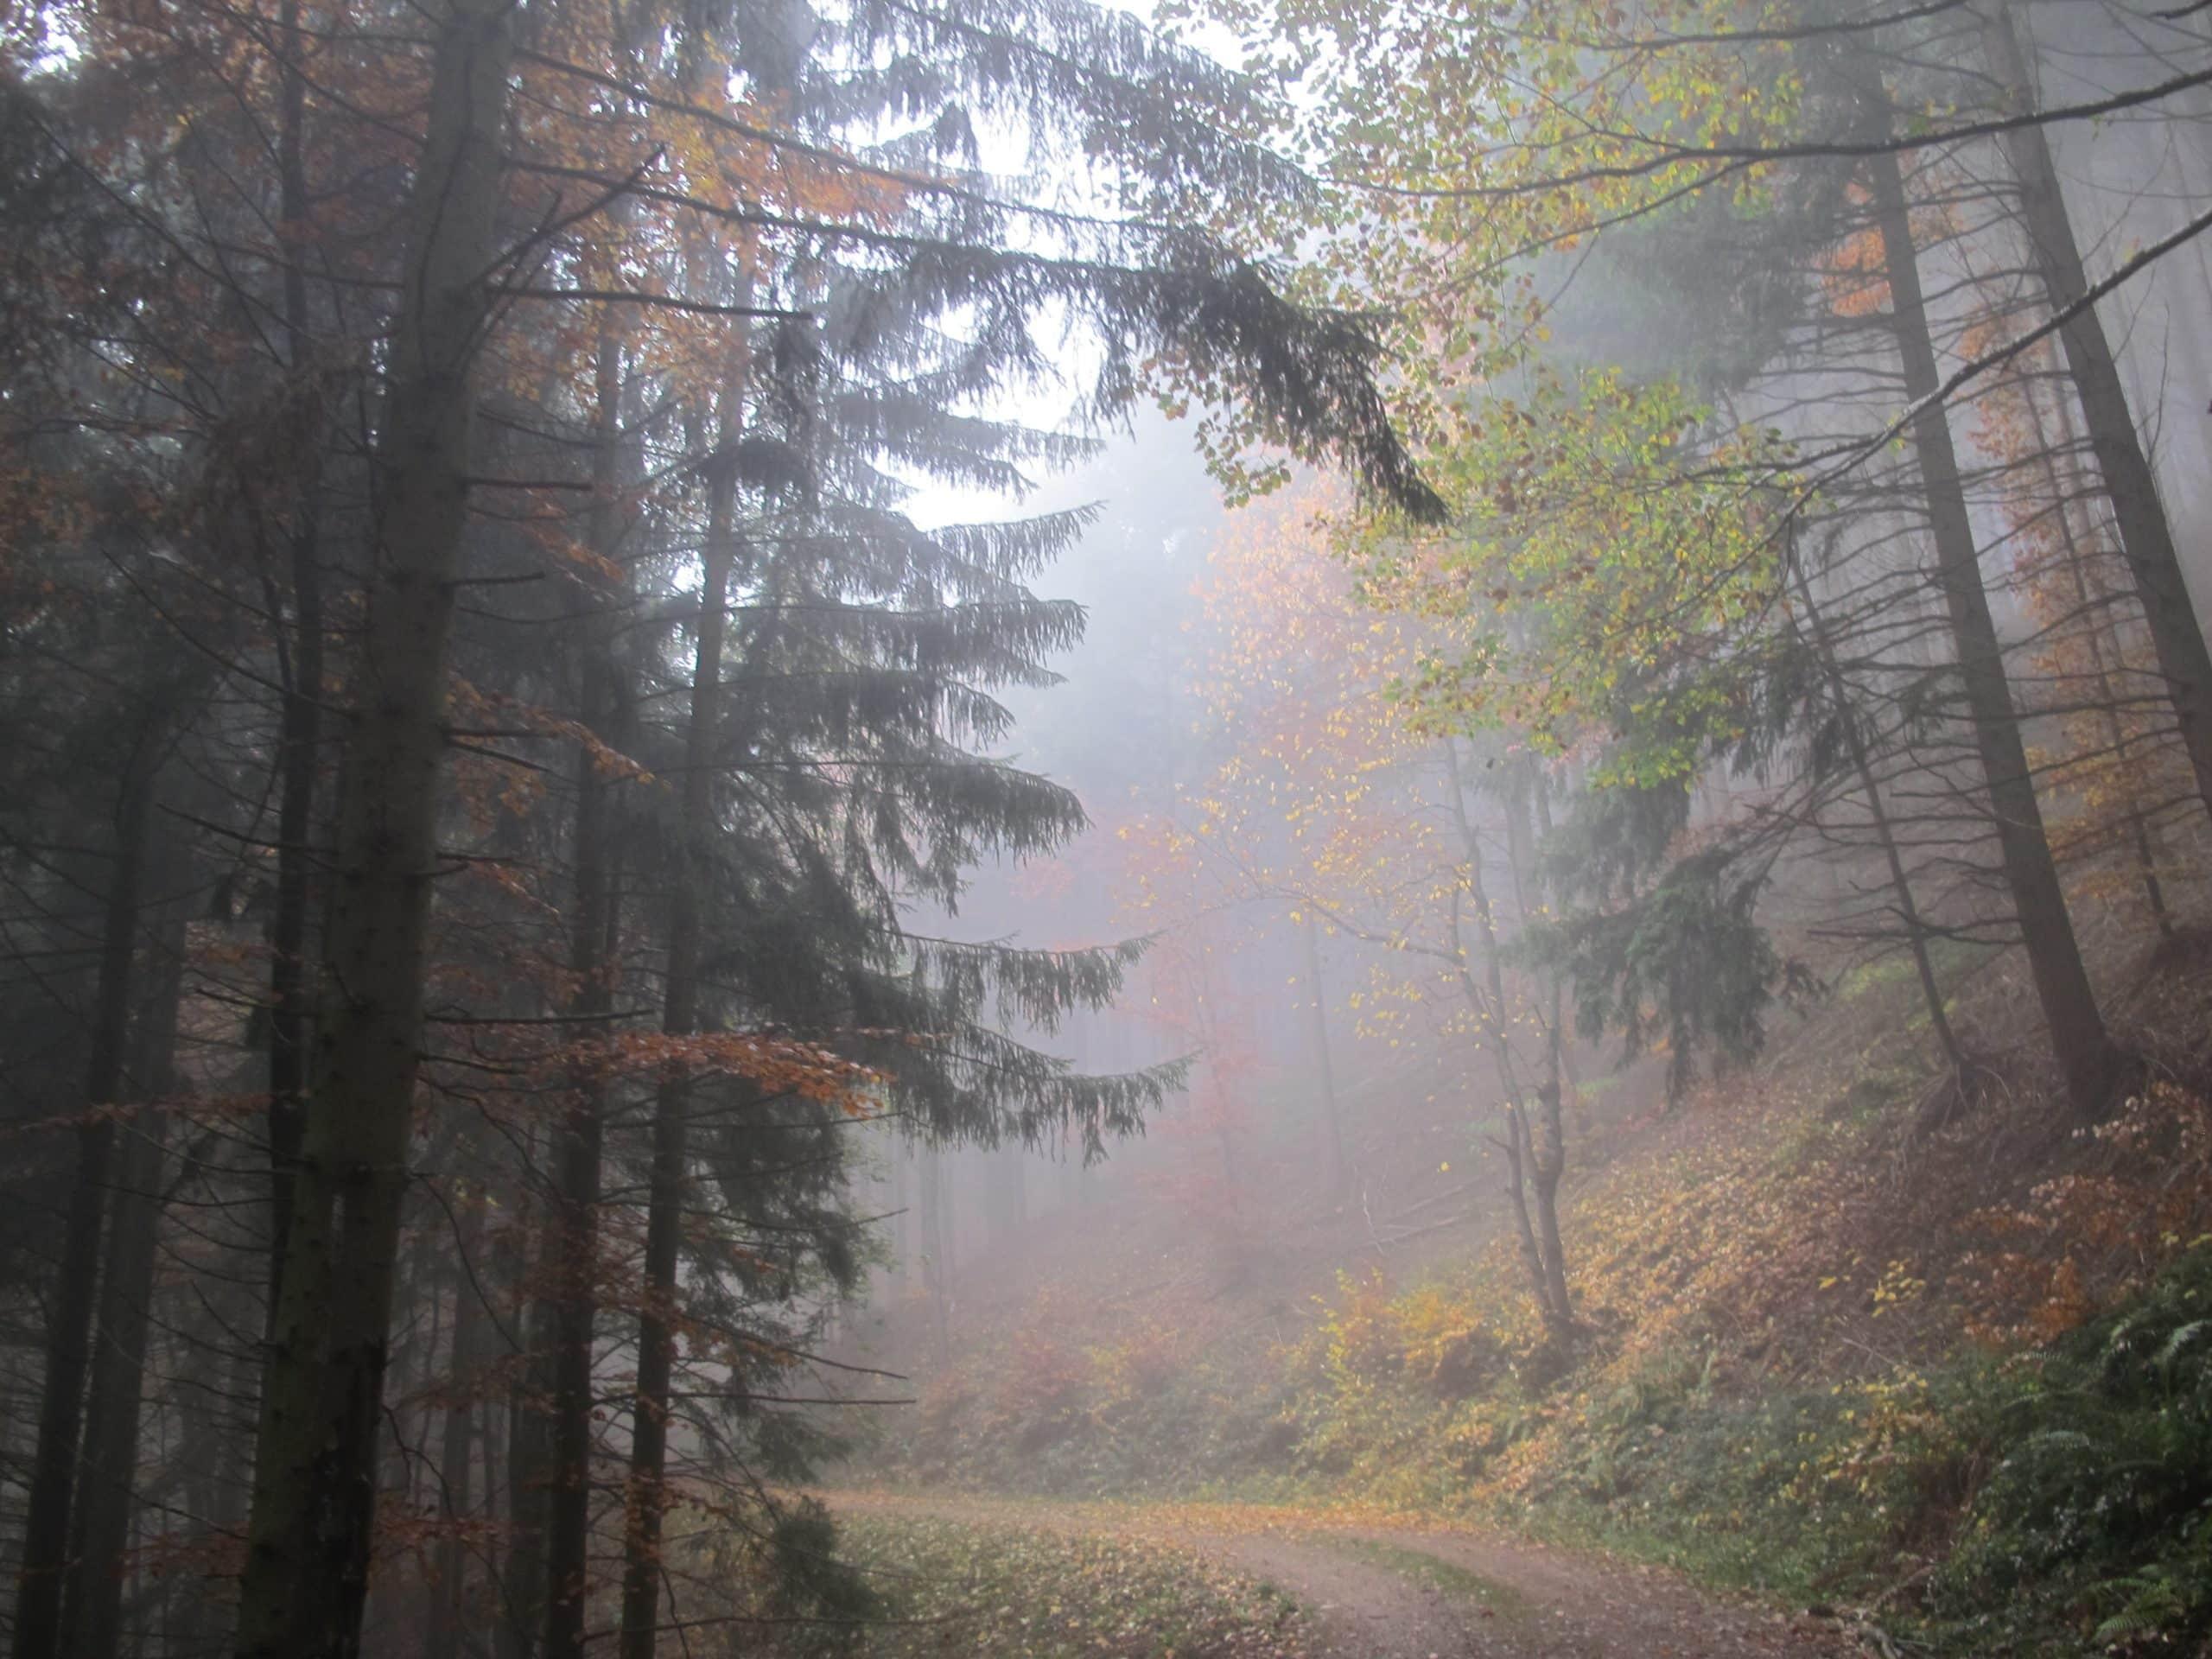 Wandercoaching durch neblige Waldkulisse